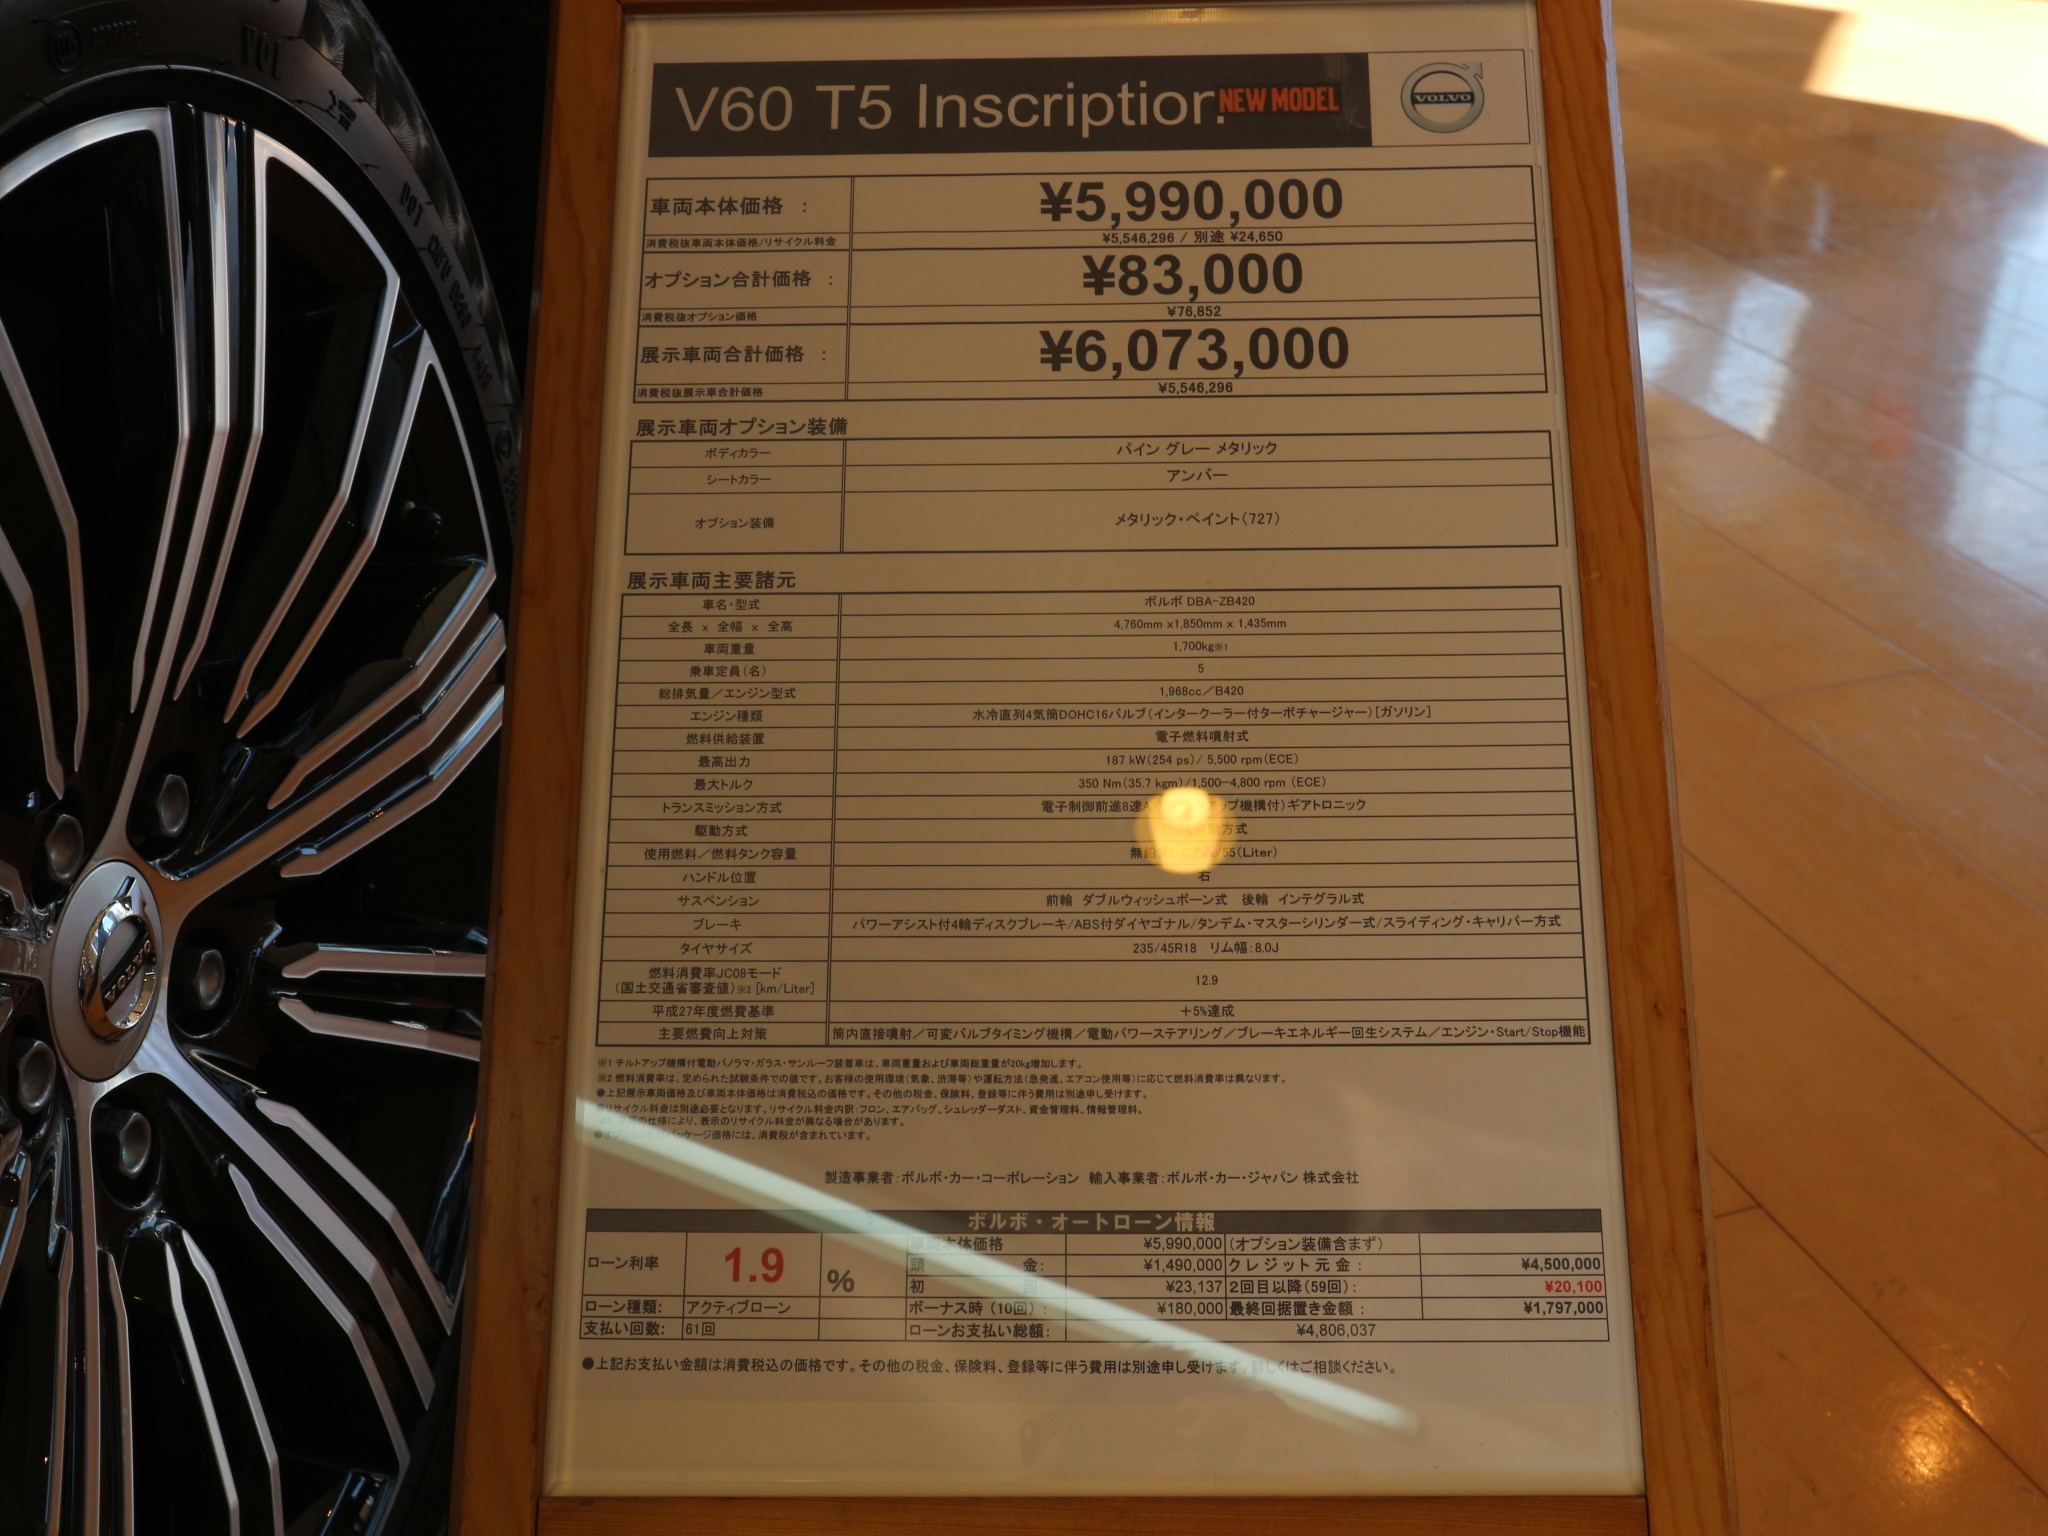 V602.jpg